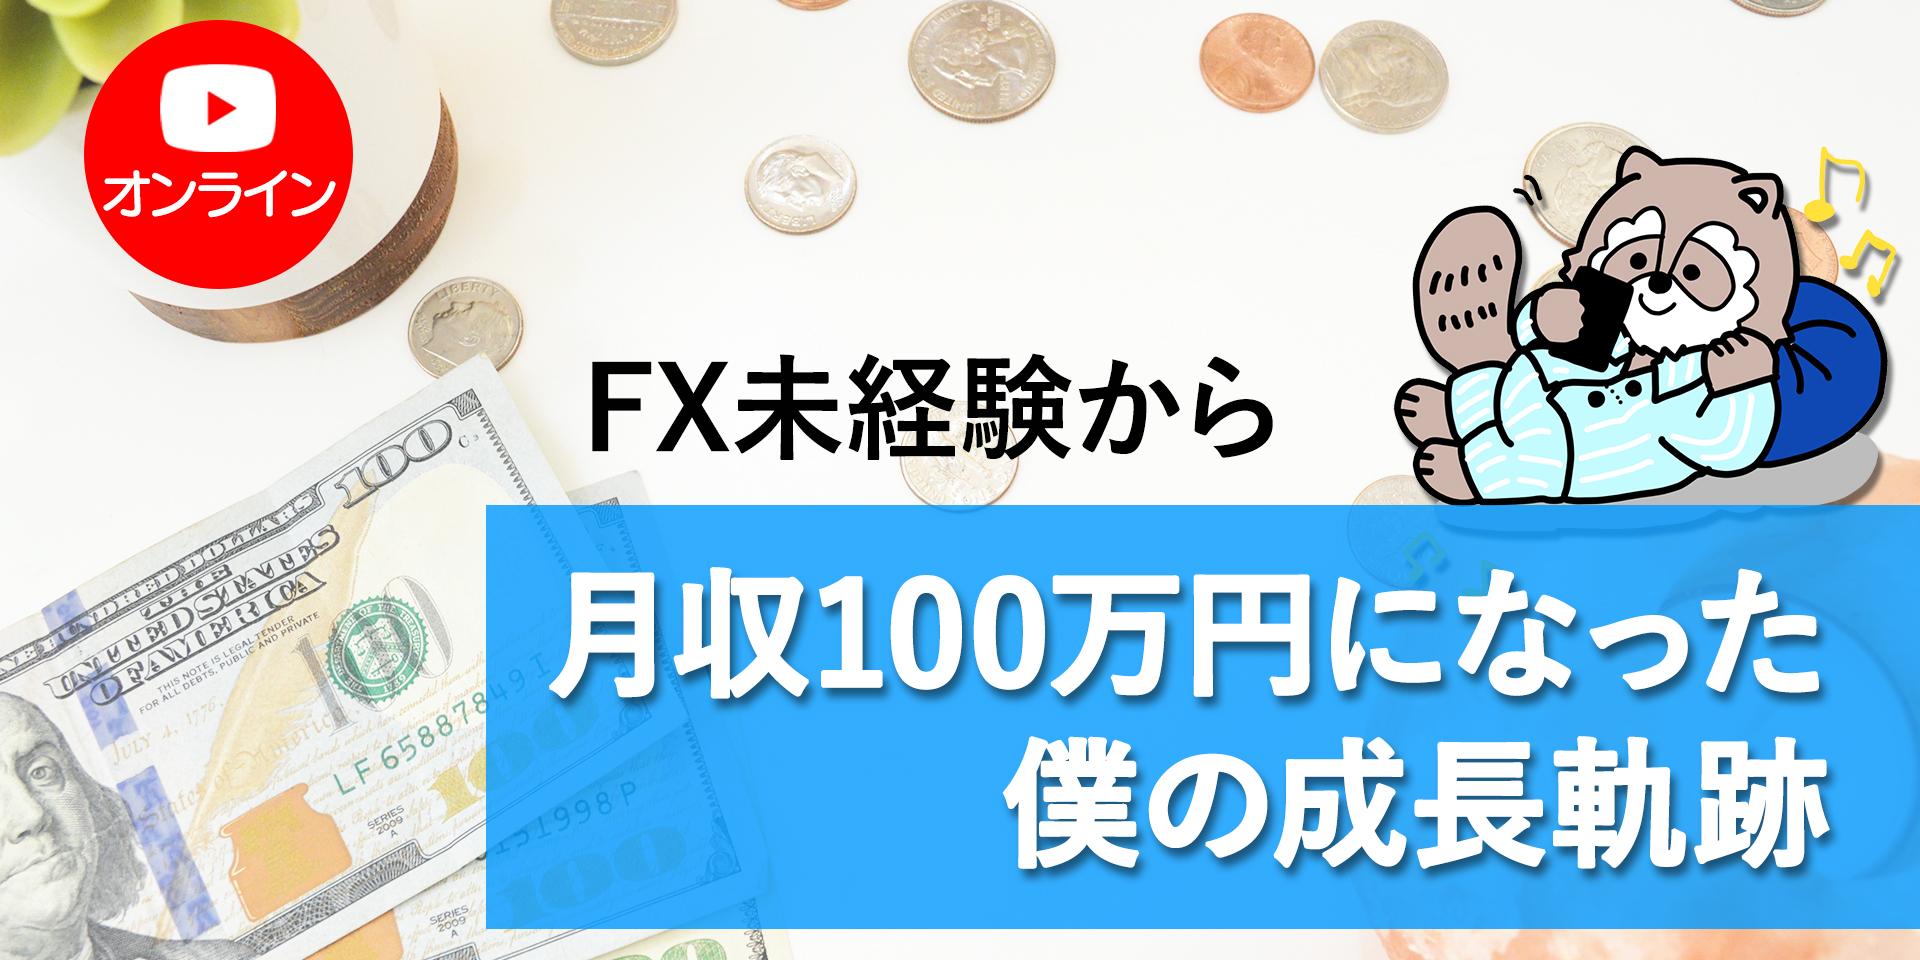 FX100万成長軌跡オンライン